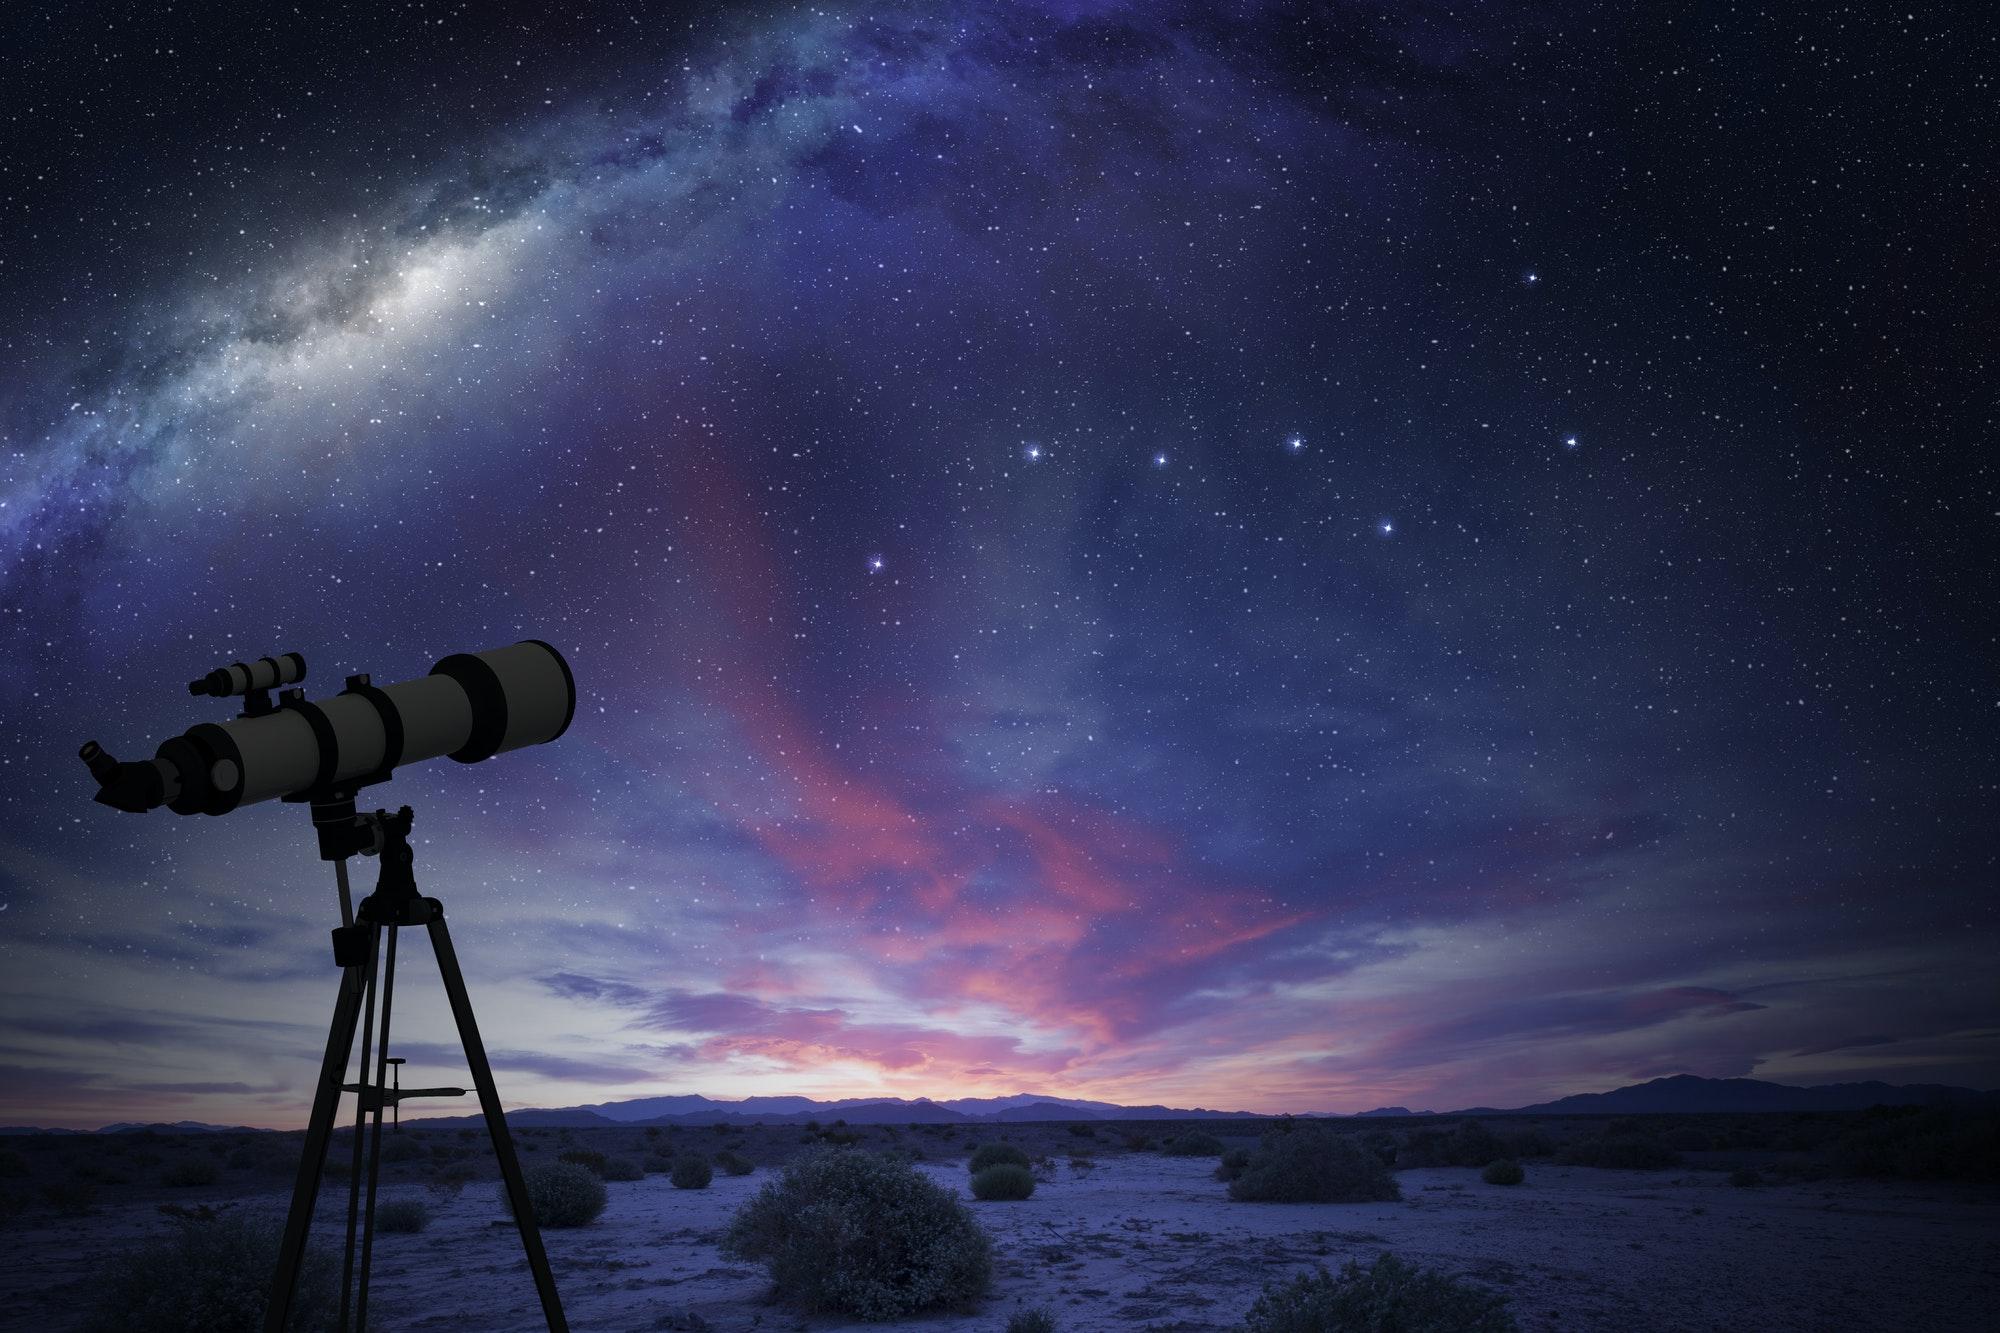 Prijavite se na takmičenje o astronomiji i astrofizici